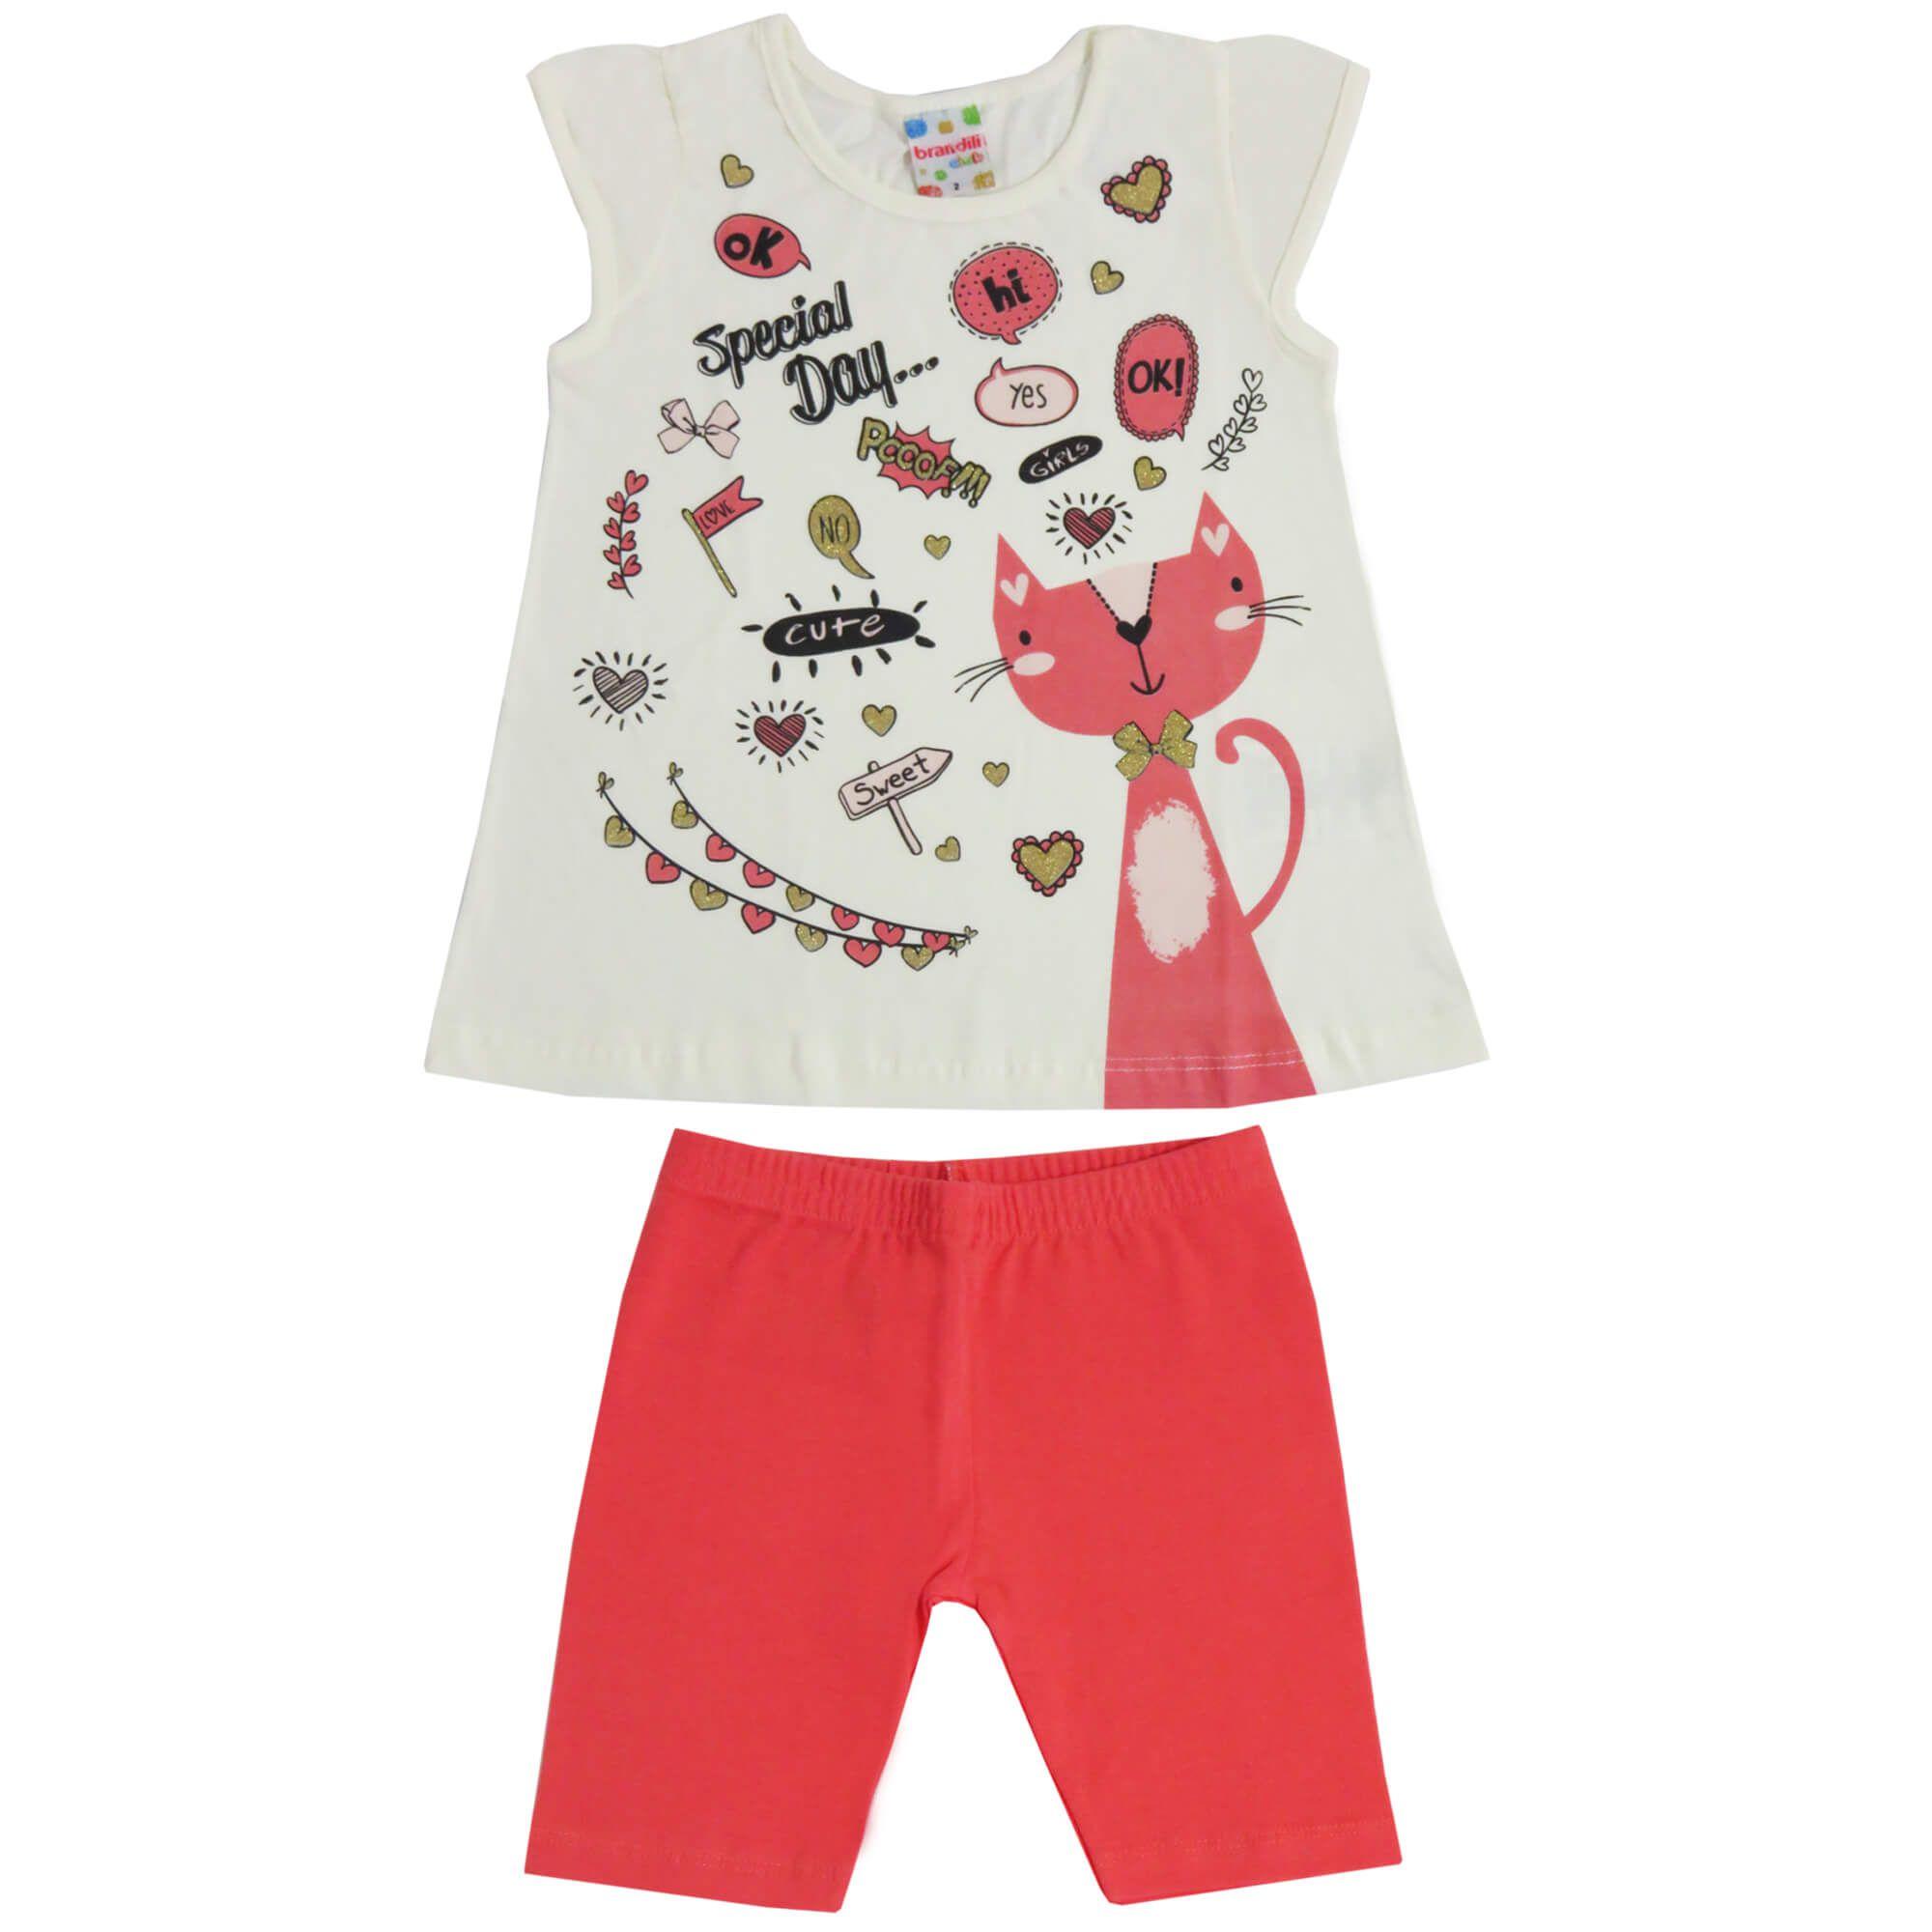 Conjunto Verão Brandili Blusa Gata Special Day com Shorts - 1 ao 3